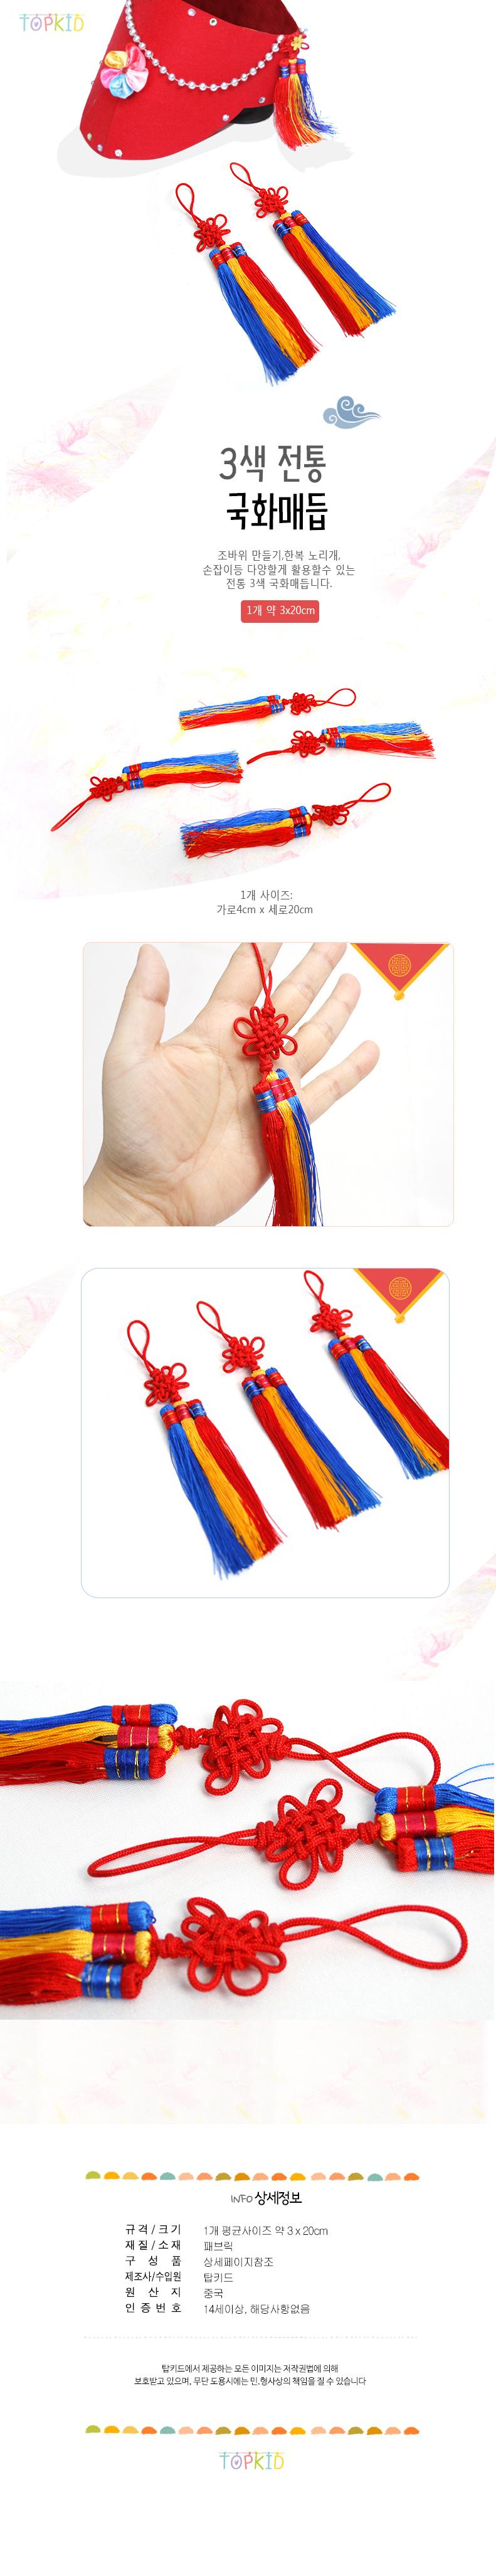 tr01016 3색 전통국화매듭 - 탑키드, 1,200원, 전통/염색공예, 장신구/매듭 패키지